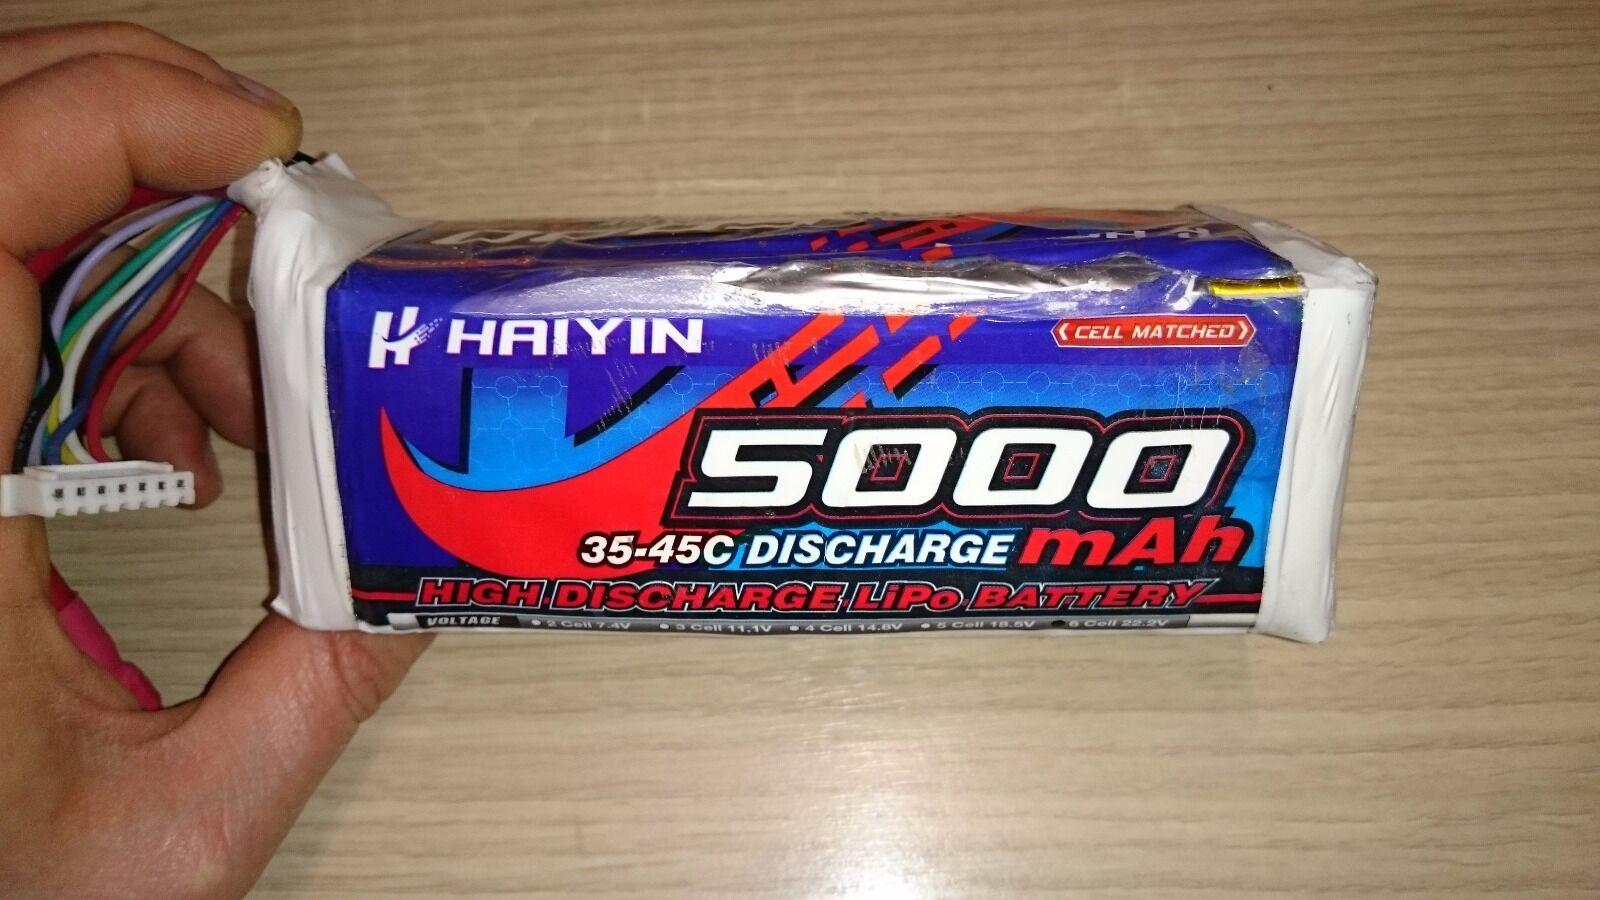 Lipo 6s HAIYIN 5000mAh 35-45c